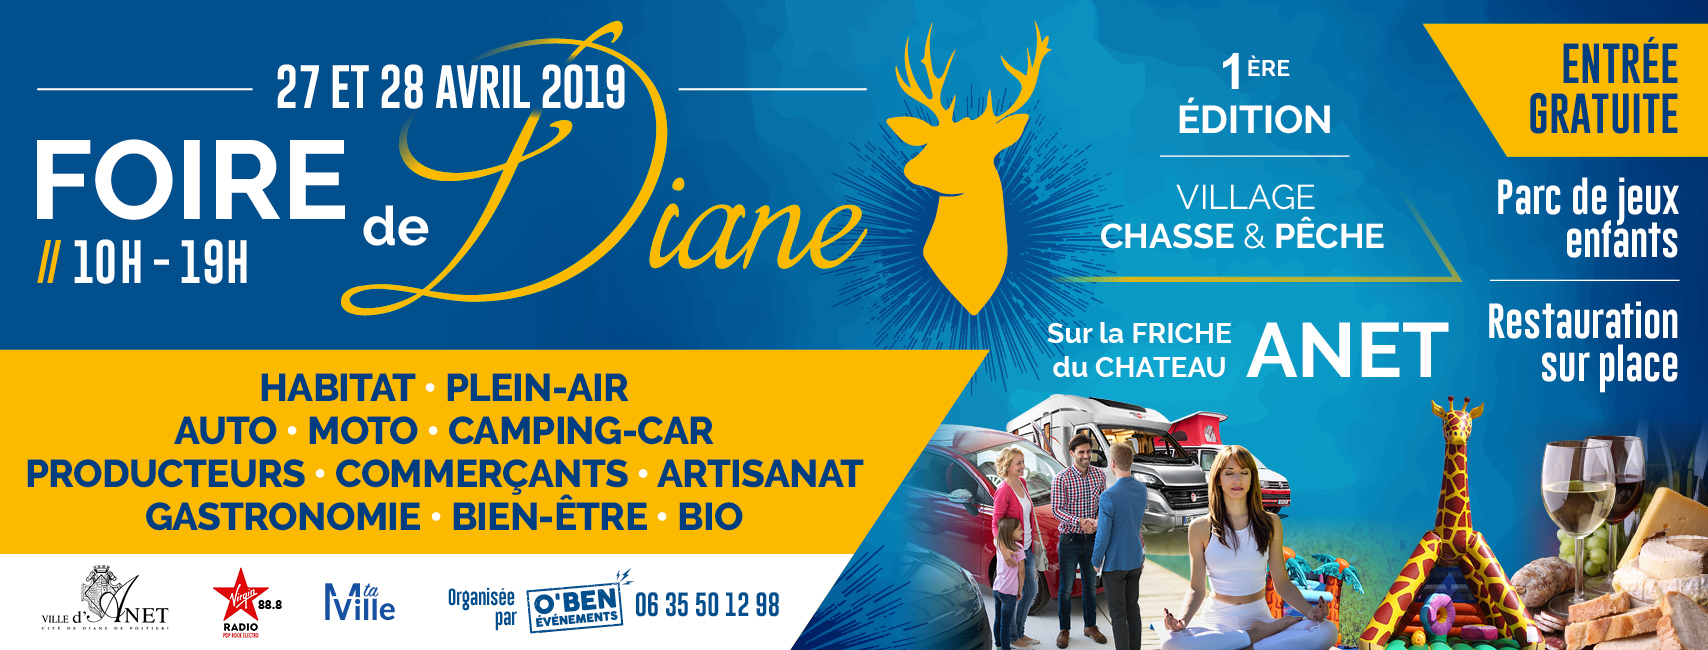 Retrouvez-nous à la Foire de Diane du samedi 27 au dimanche 28 Avril sur la Friche du château d'Anet